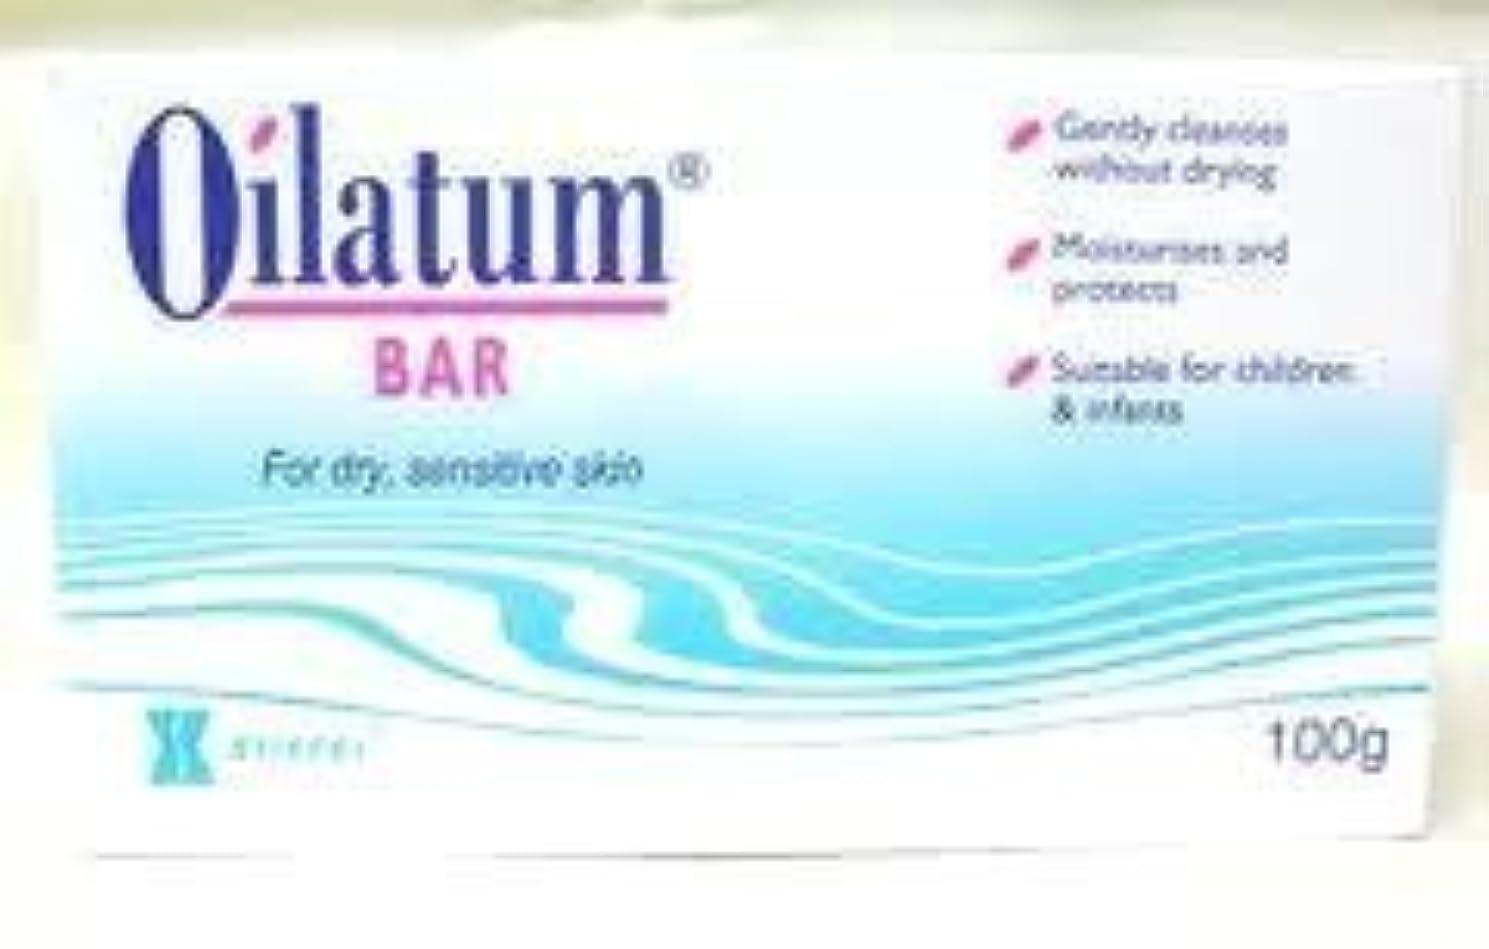 中毒敏感な施しOilatum Bar Soap for Sensitive Soap Skin Free Shipping 100g. by Oilatum